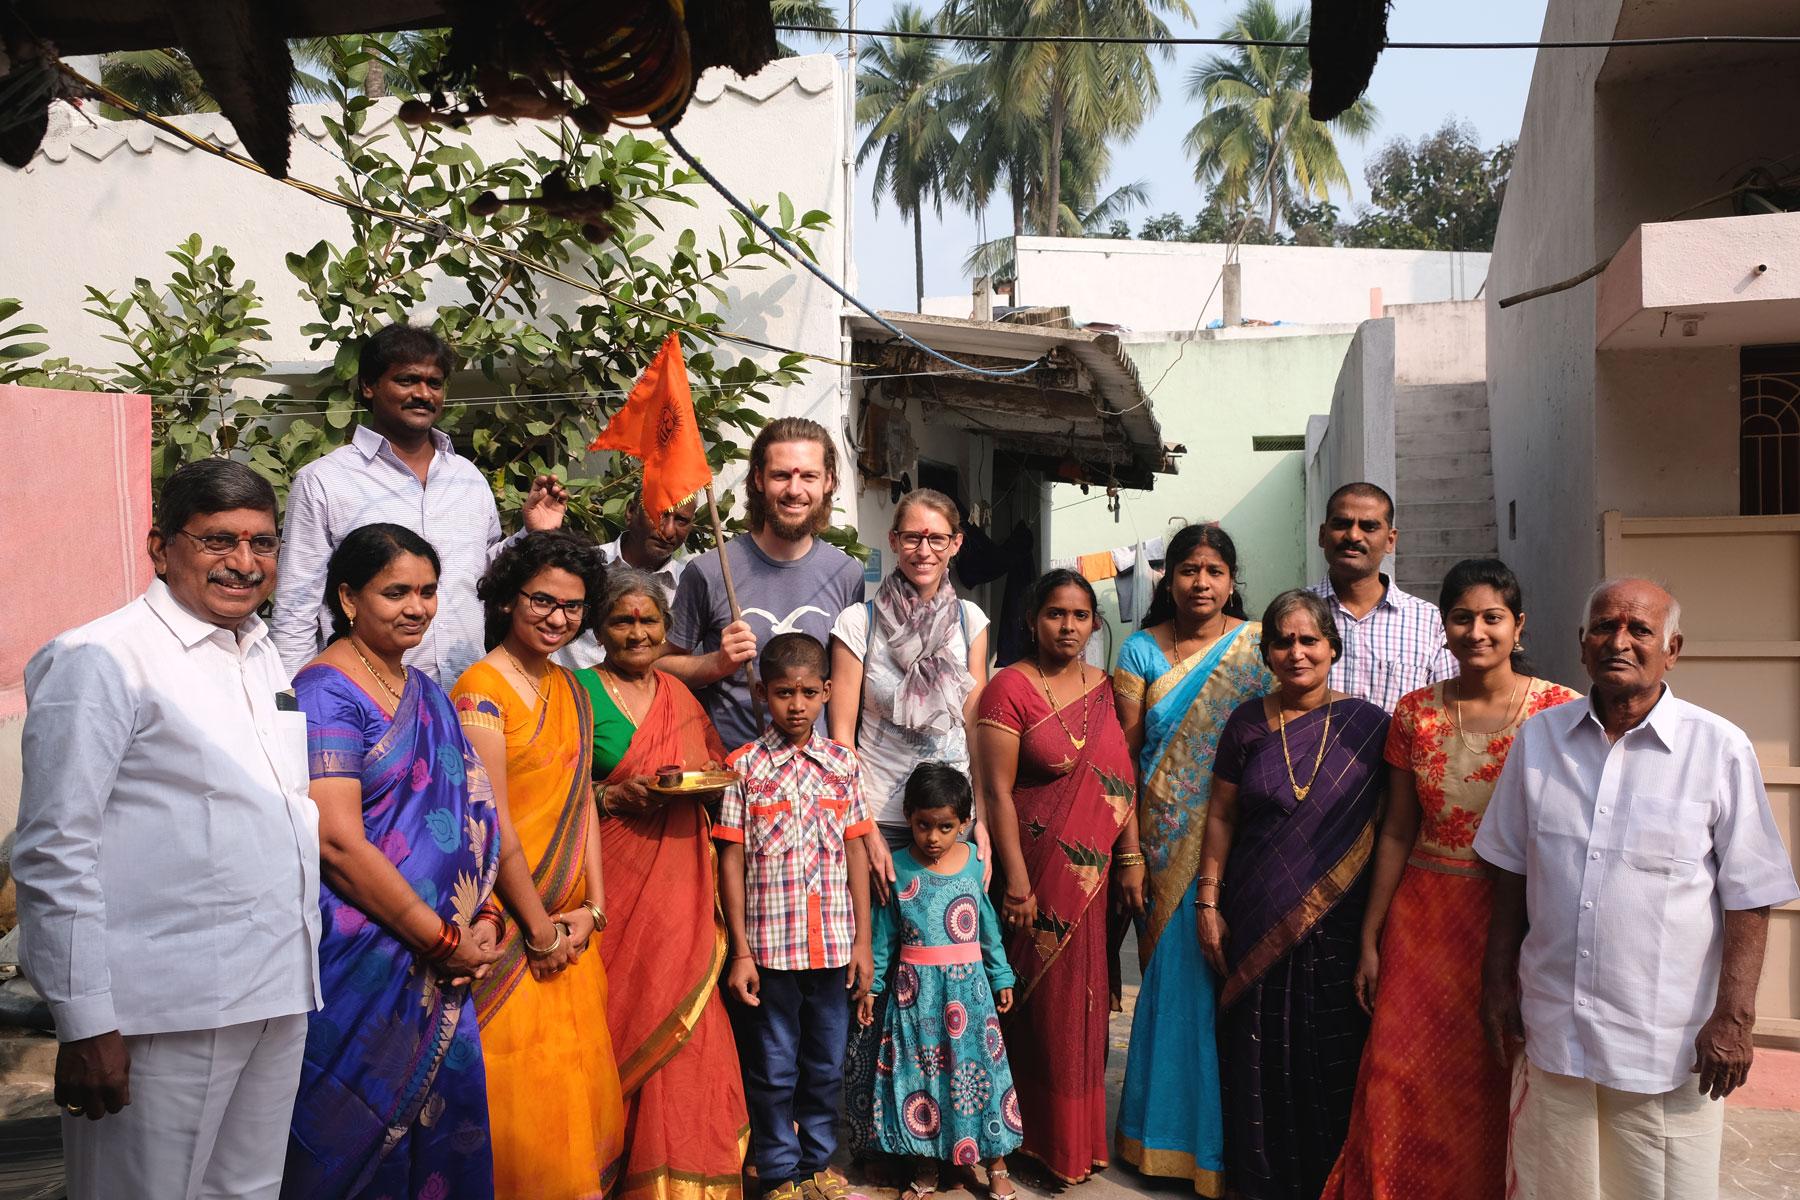 Sebastian und Leo mir einer indischen Großfamilie in Bhimavaram.